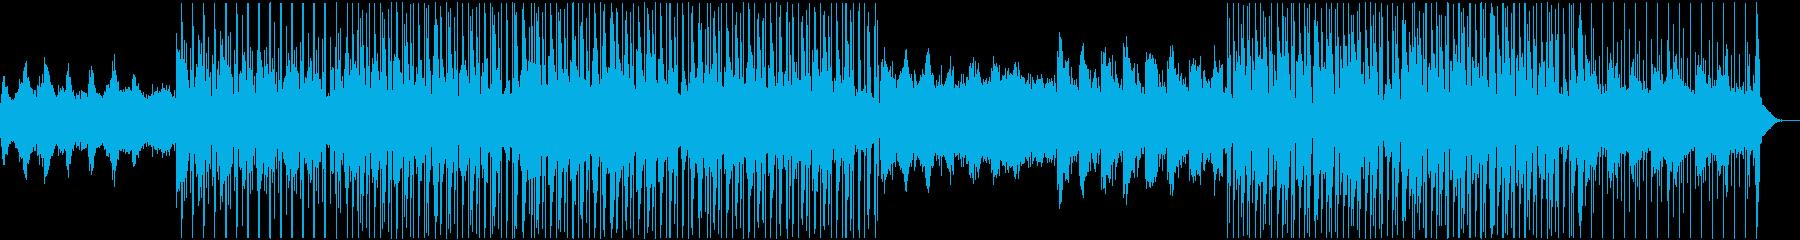 朗らかな雰囲気のLofi HipHopの再生済みの波形